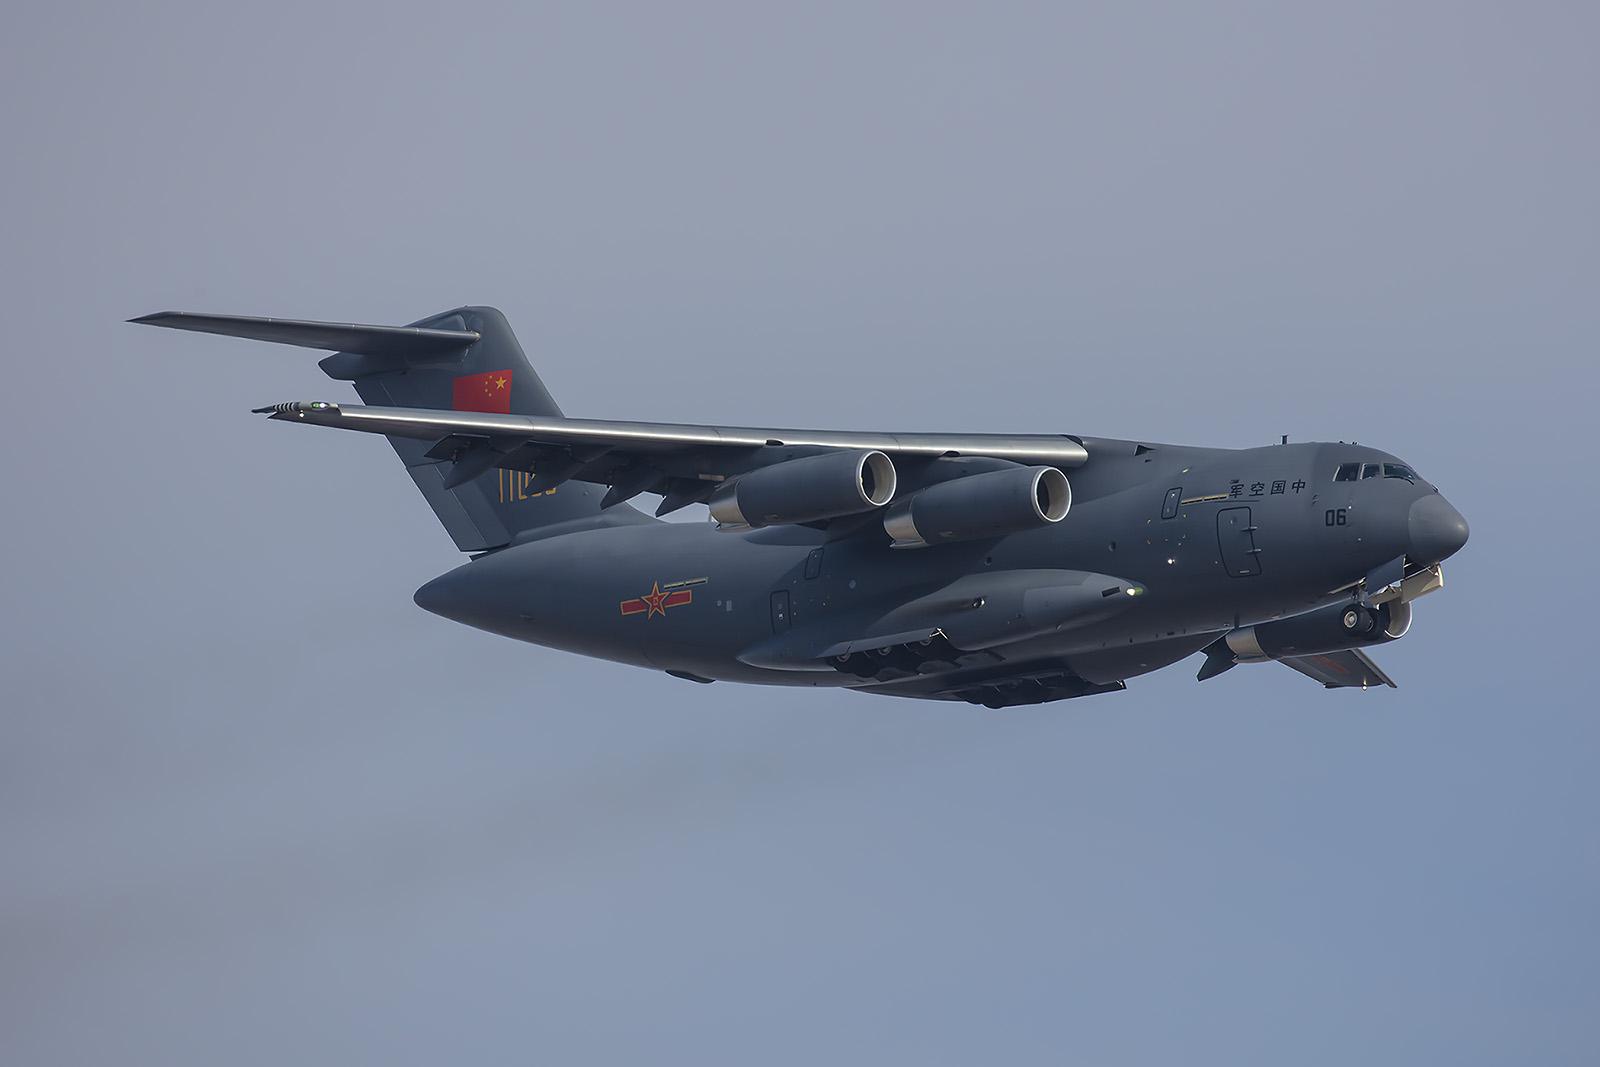 Gesicherte Angaben über die Leistungsfähigkeit der Y-20 existieren nicht. Im Flugprogramm wirkte sie allerdings erheblich träger als die C-17.